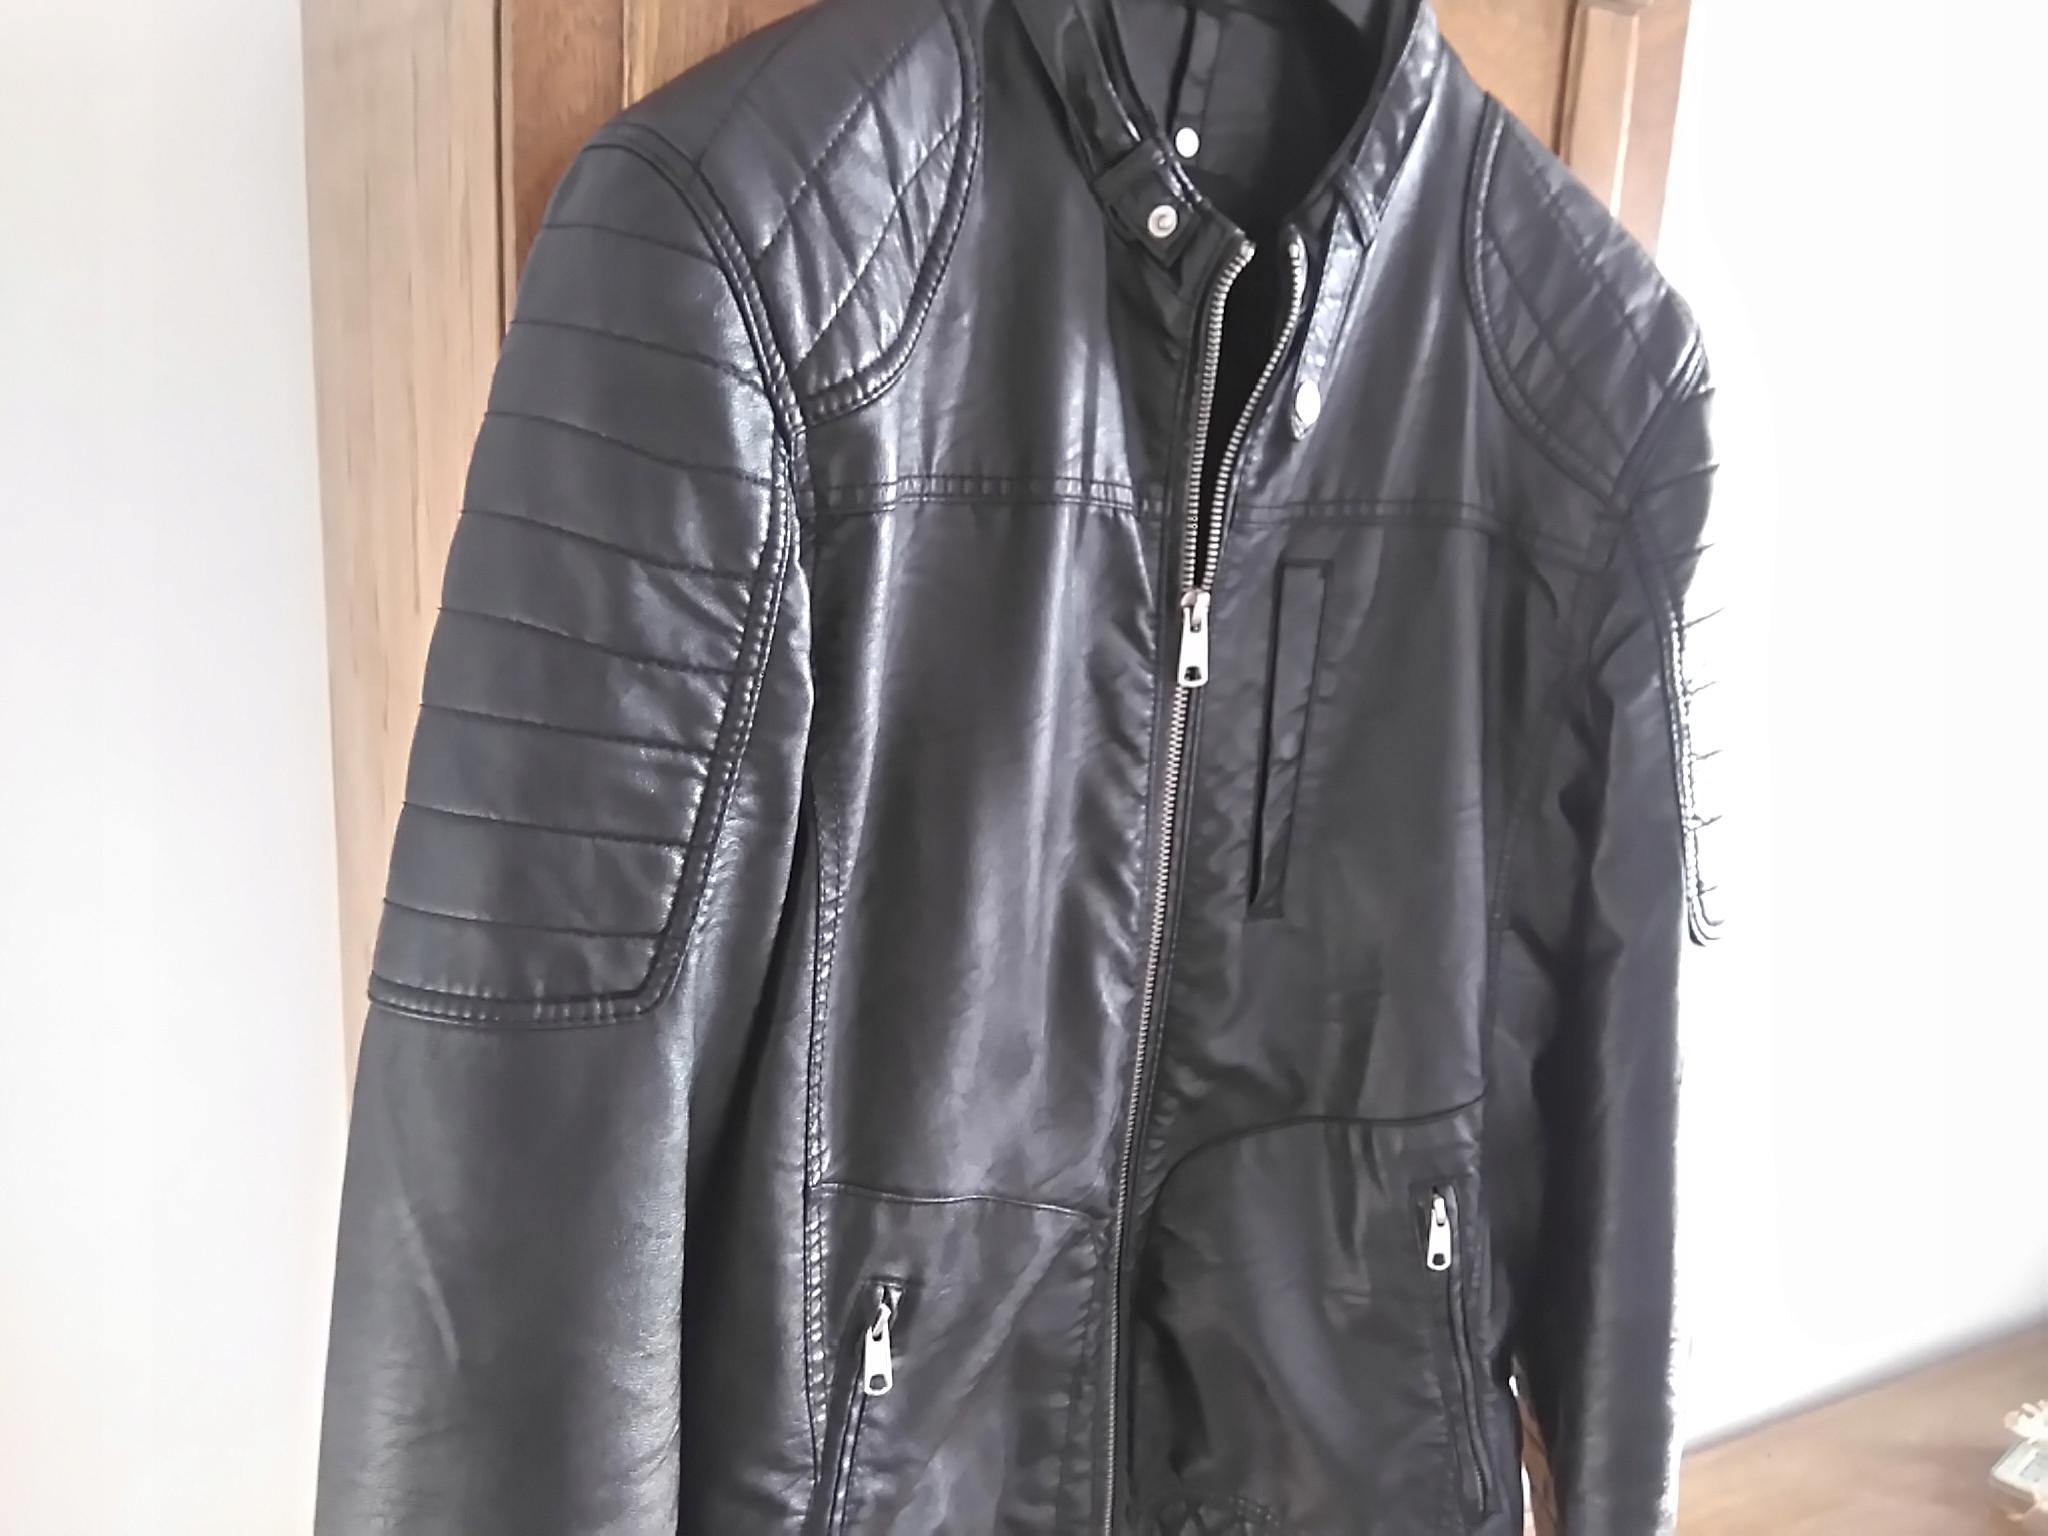 c34137e352069 Kurtka męska BERSHKA skóra biker zip reserved zara - 7704717333 ...